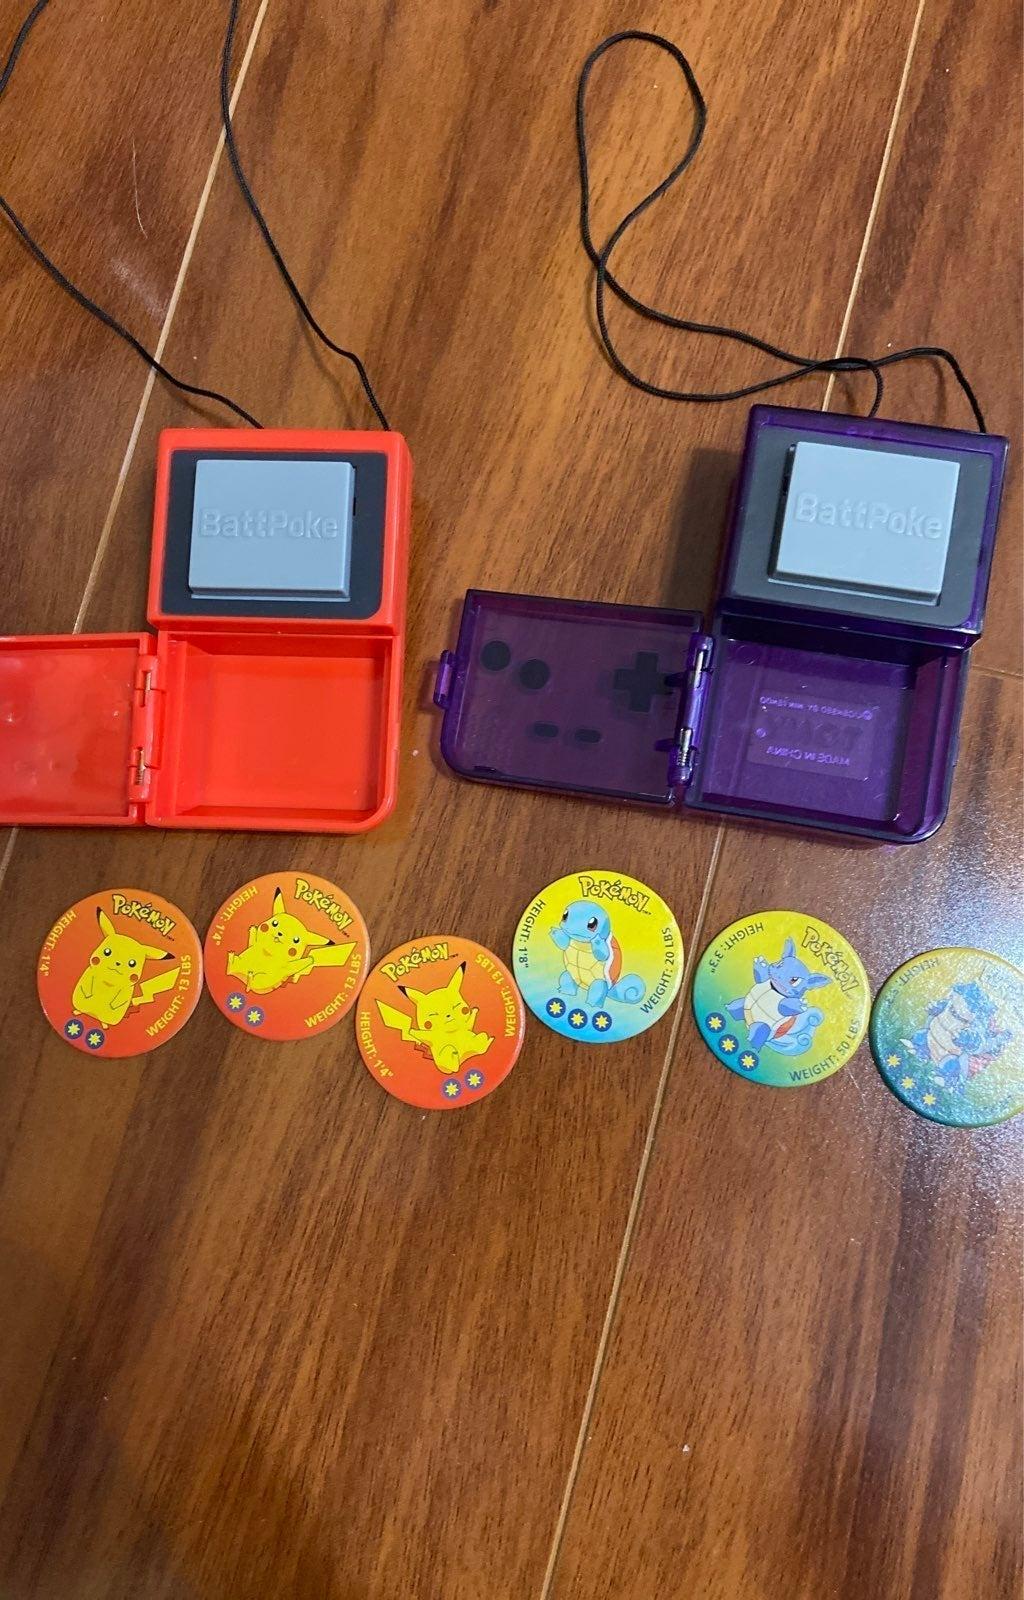 Pokemon battpoke